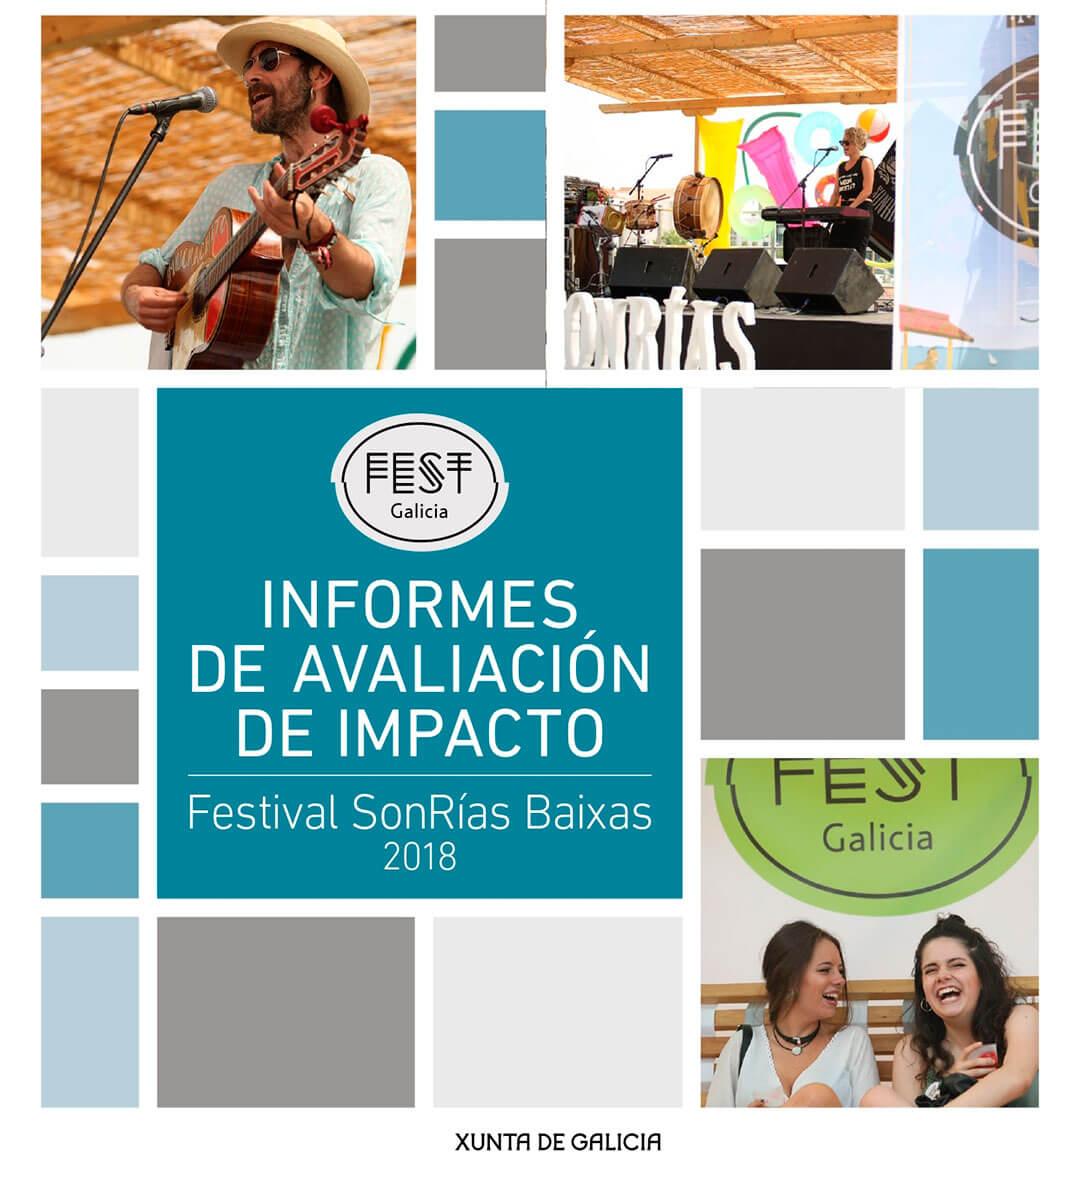 Fest-Galicia-informe-avaliacion-impacto-festival-SonRias-2018